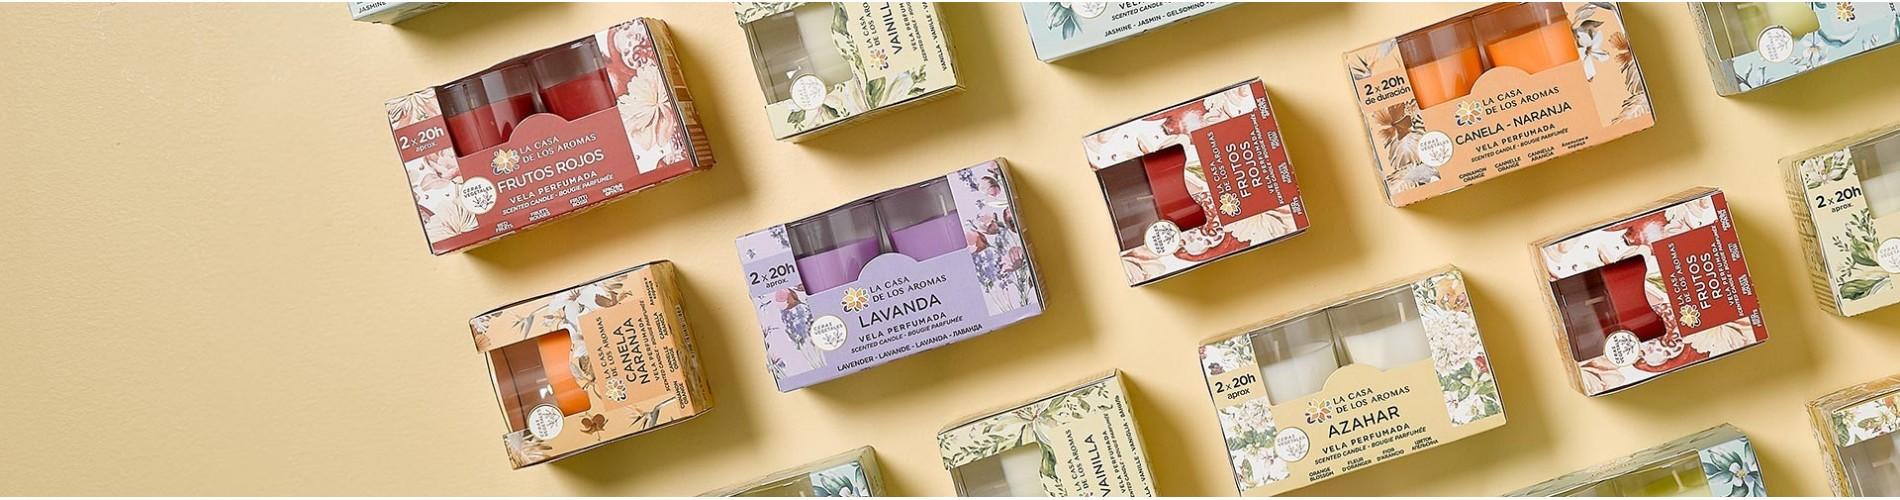 Velas aromáticas de La Casa de los Aromas para perfumar tus espacios